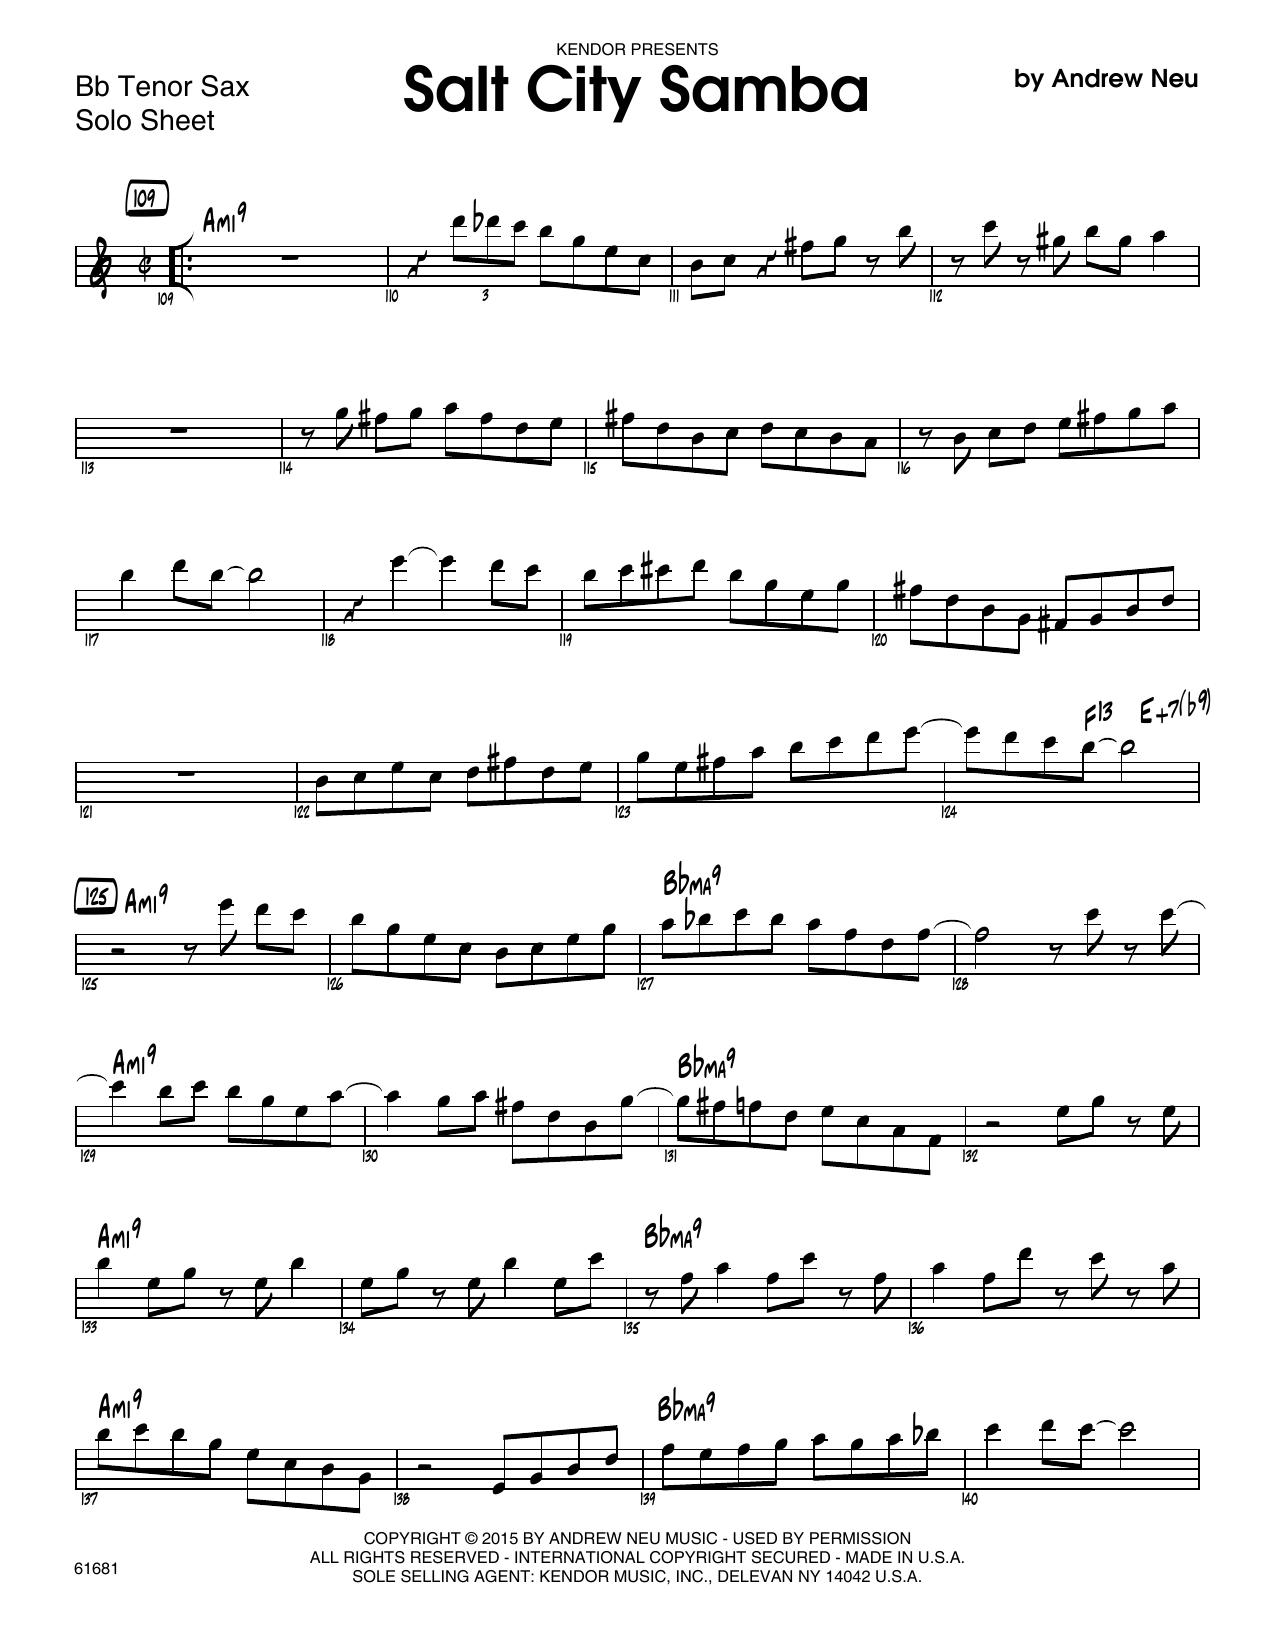 Salt City Samba - Solo Sheet - Tenor Sax